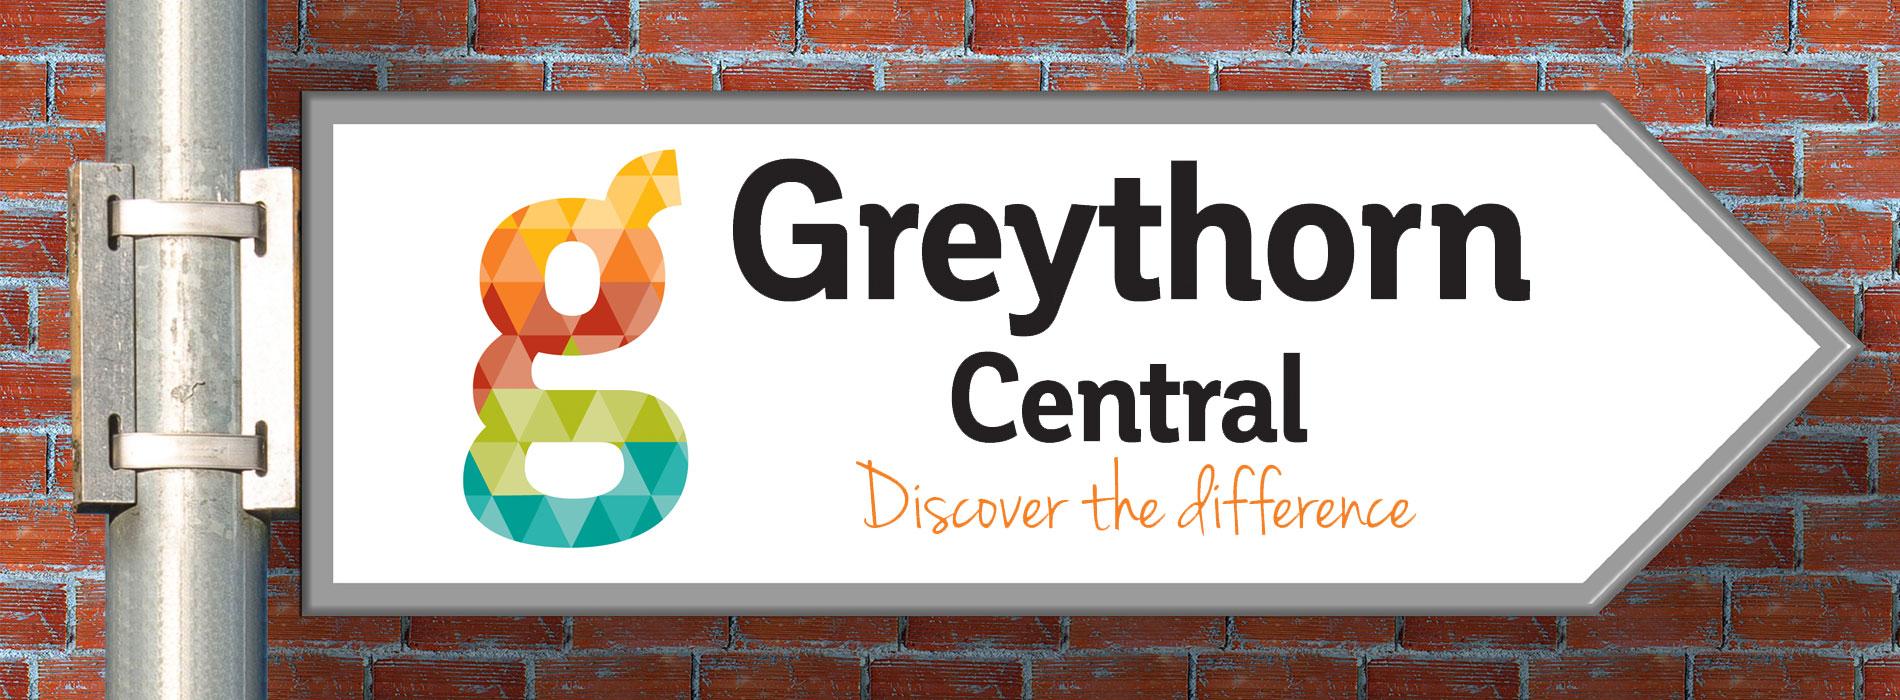 http://www.greythorncentral.com.au/wp-content/uploads/2016/12/slide1.jpg